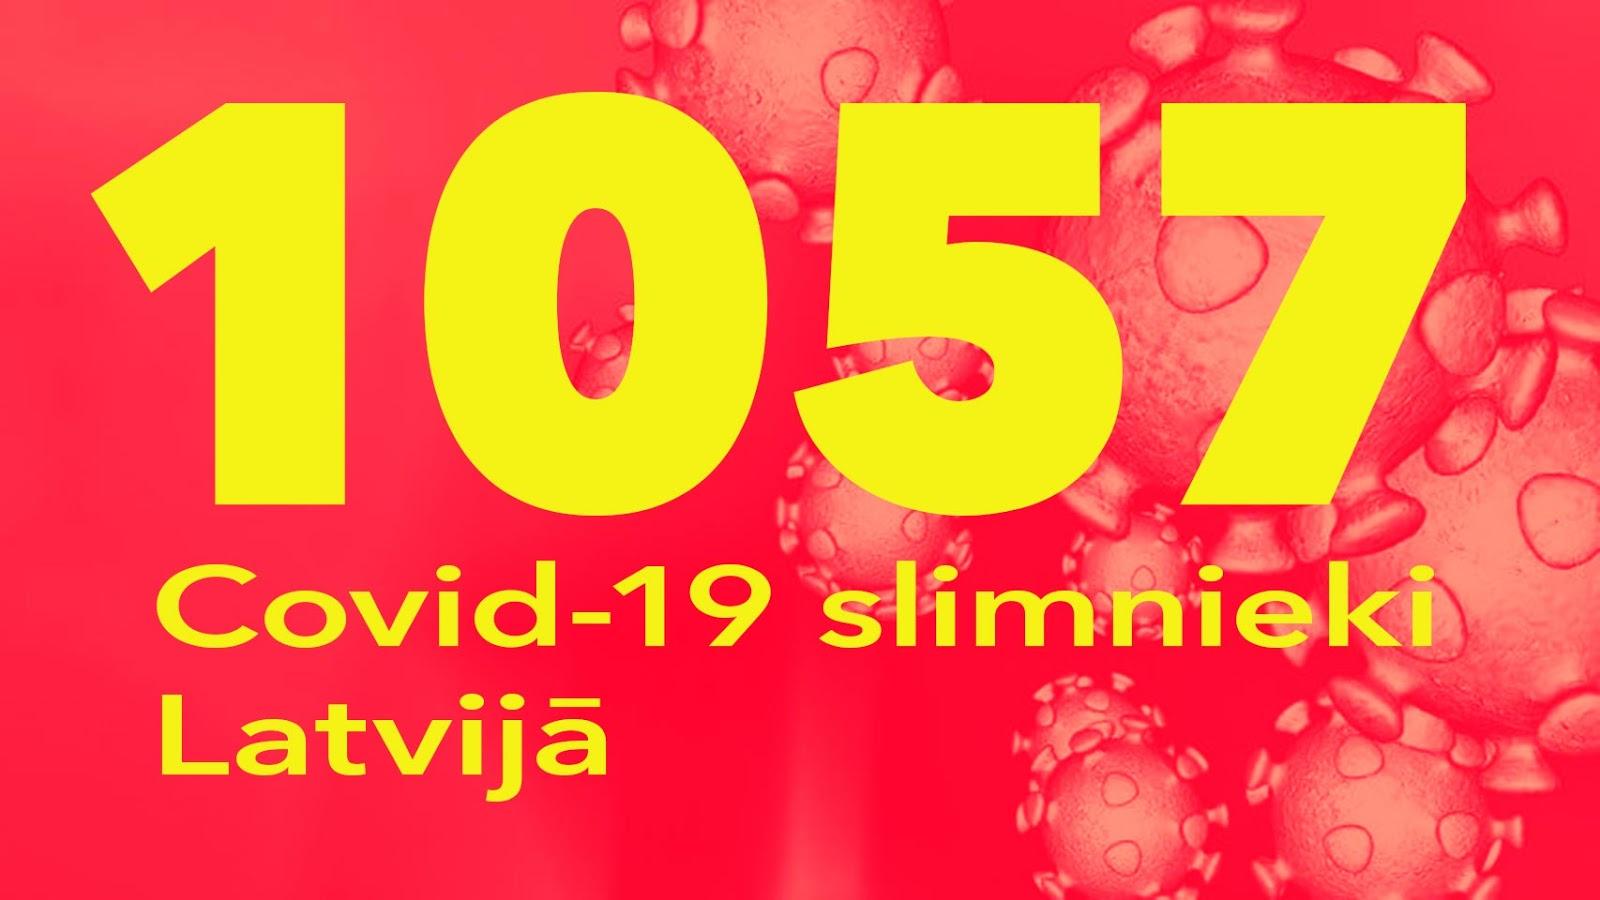 Koronavīrusa saslimušo skaits Latvijā 27.05.2020.